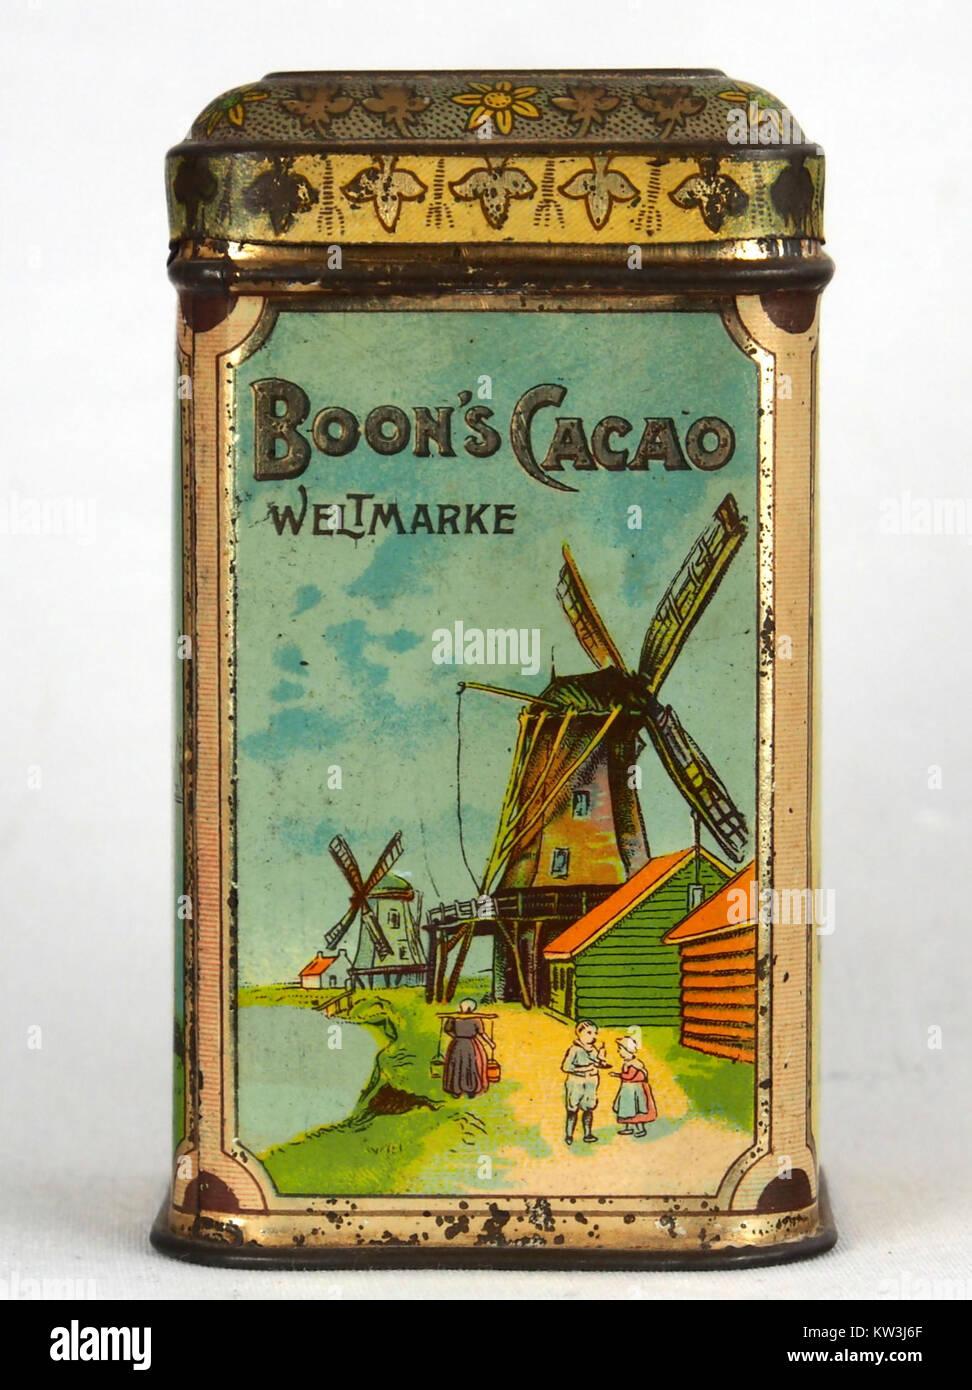 Boons cacao blikje voor export naar Duitsland, foto5 - Stock Image